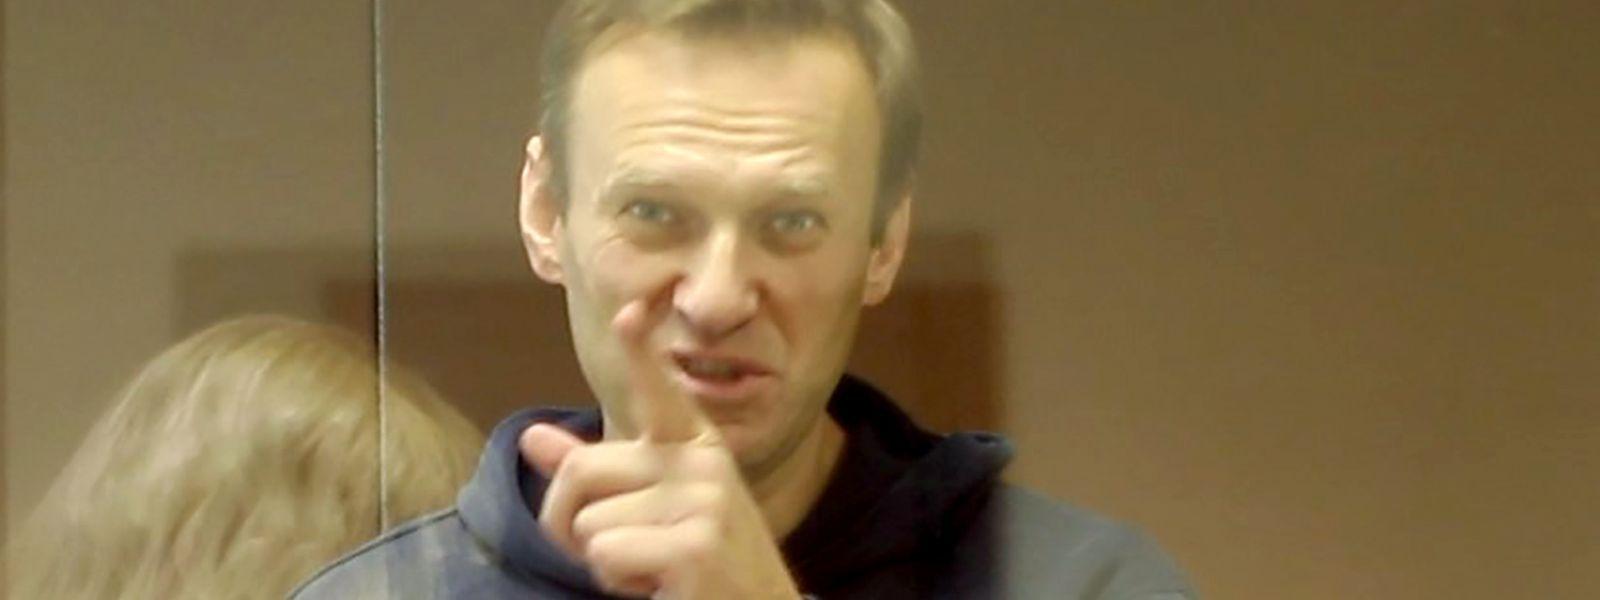 """Nawalny hatte im vorigen Jahr Protagonisten eines Propagandavideos zur umstrittenen Verfassungsänderung als """"Verräter"""" bezeichnet."""